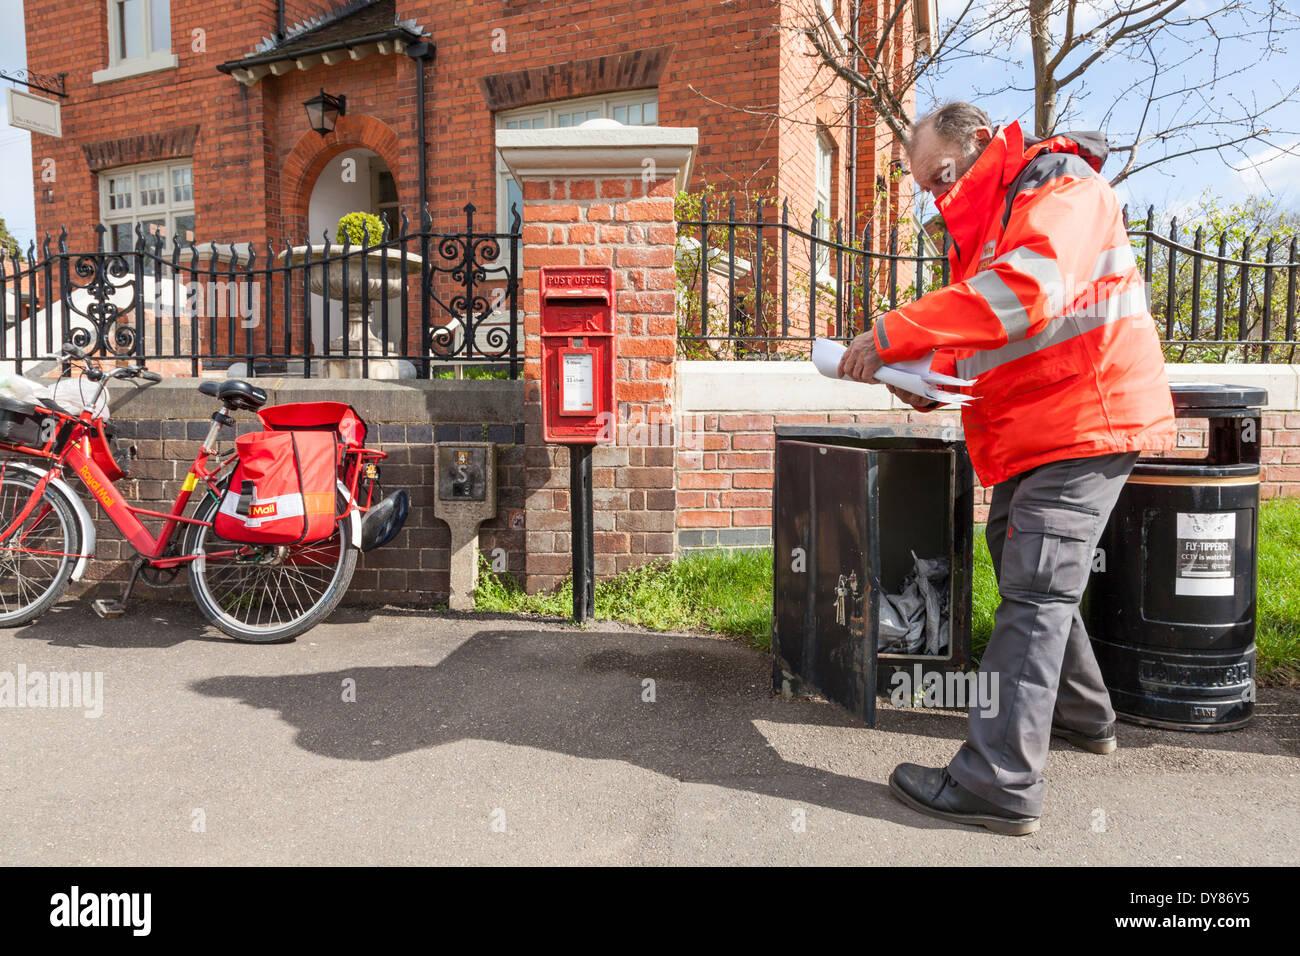 UK facteur sur sa tournée dans une zone rurale, la collecte et la distribution du courrier à partir d'une boîte à l'extérieur de l'ancien bureau de poste, Plumtree, Lancashire, England, UK Photo Stock